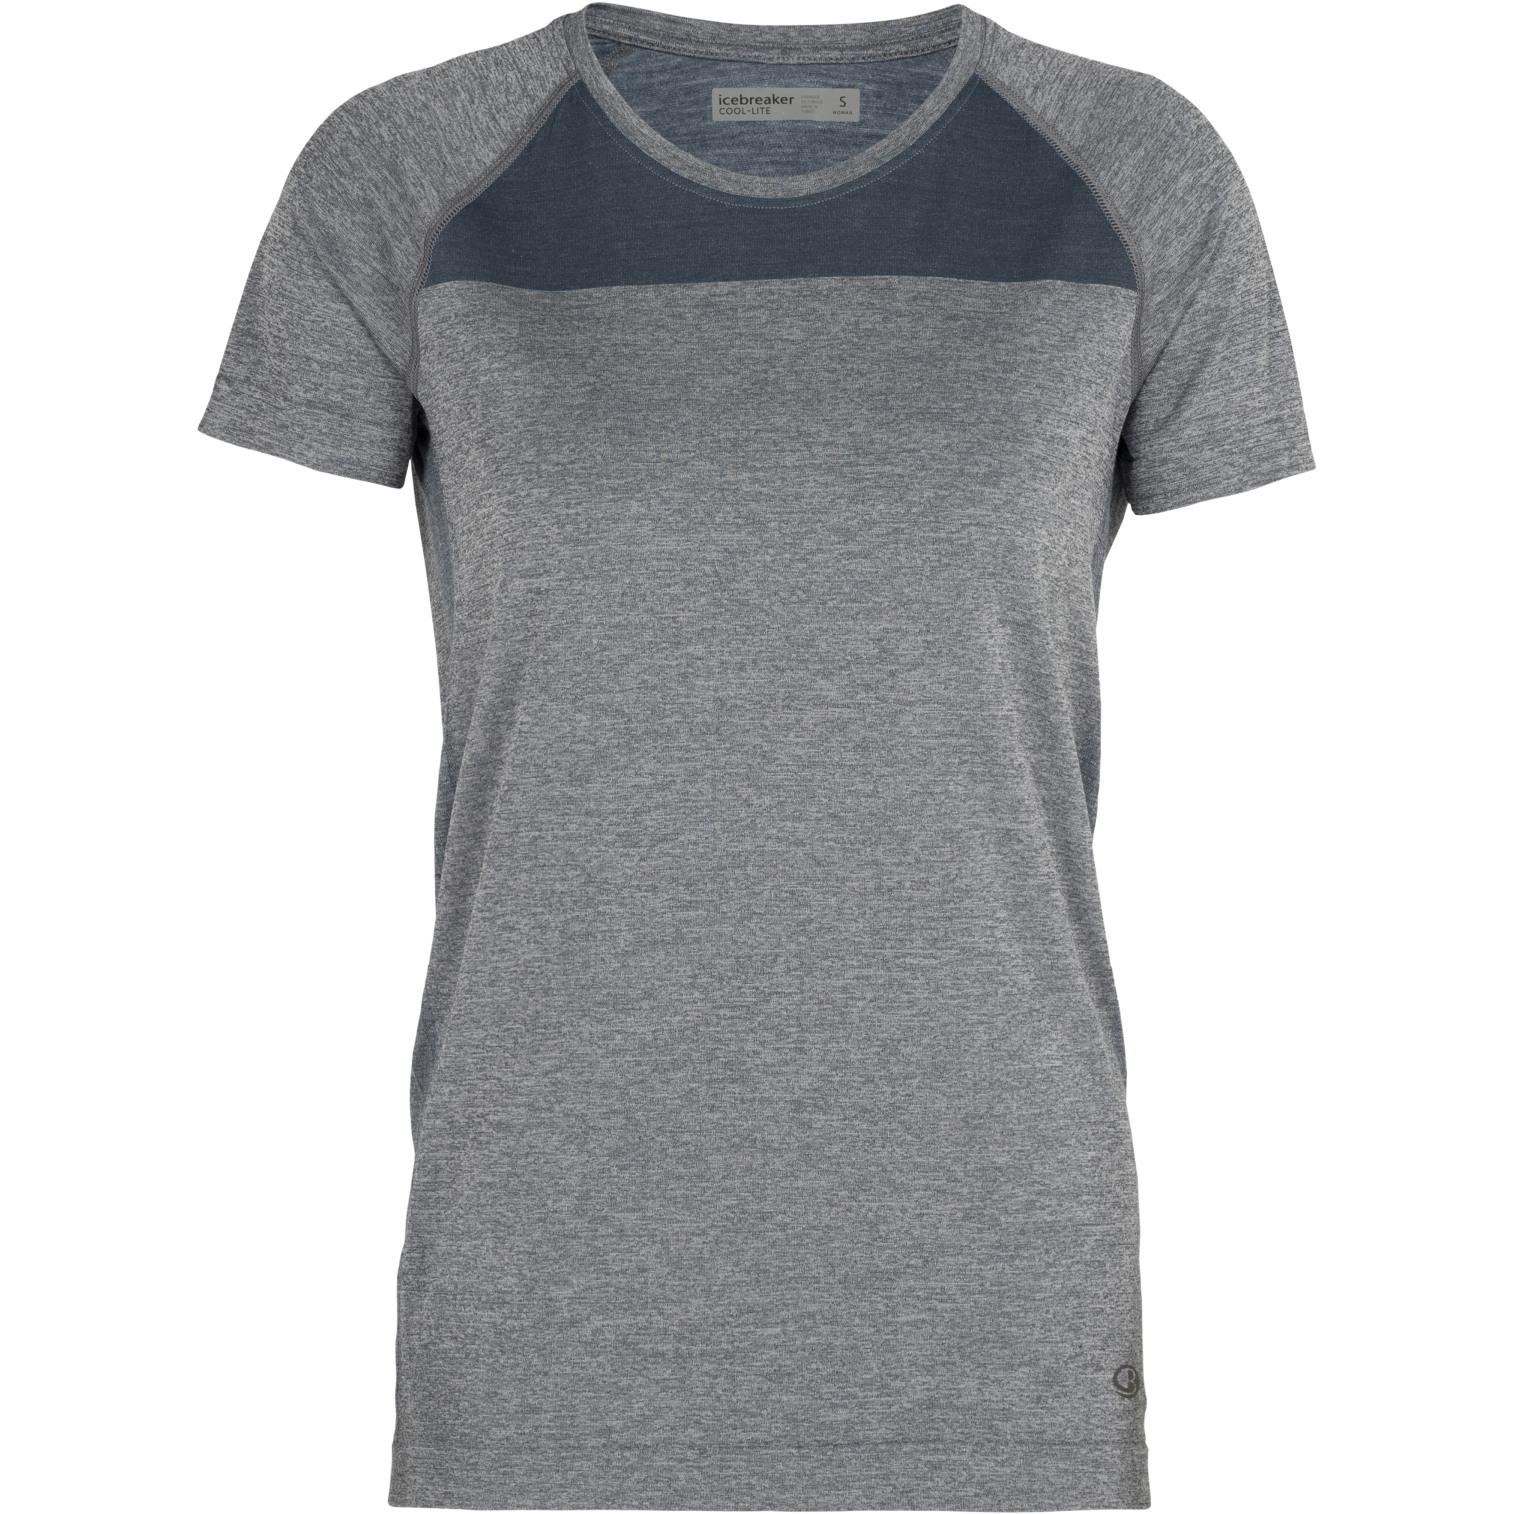 Produktbild von Icebreaker Motion Seamless Crewe Damen T-Shirt - Serene Blue